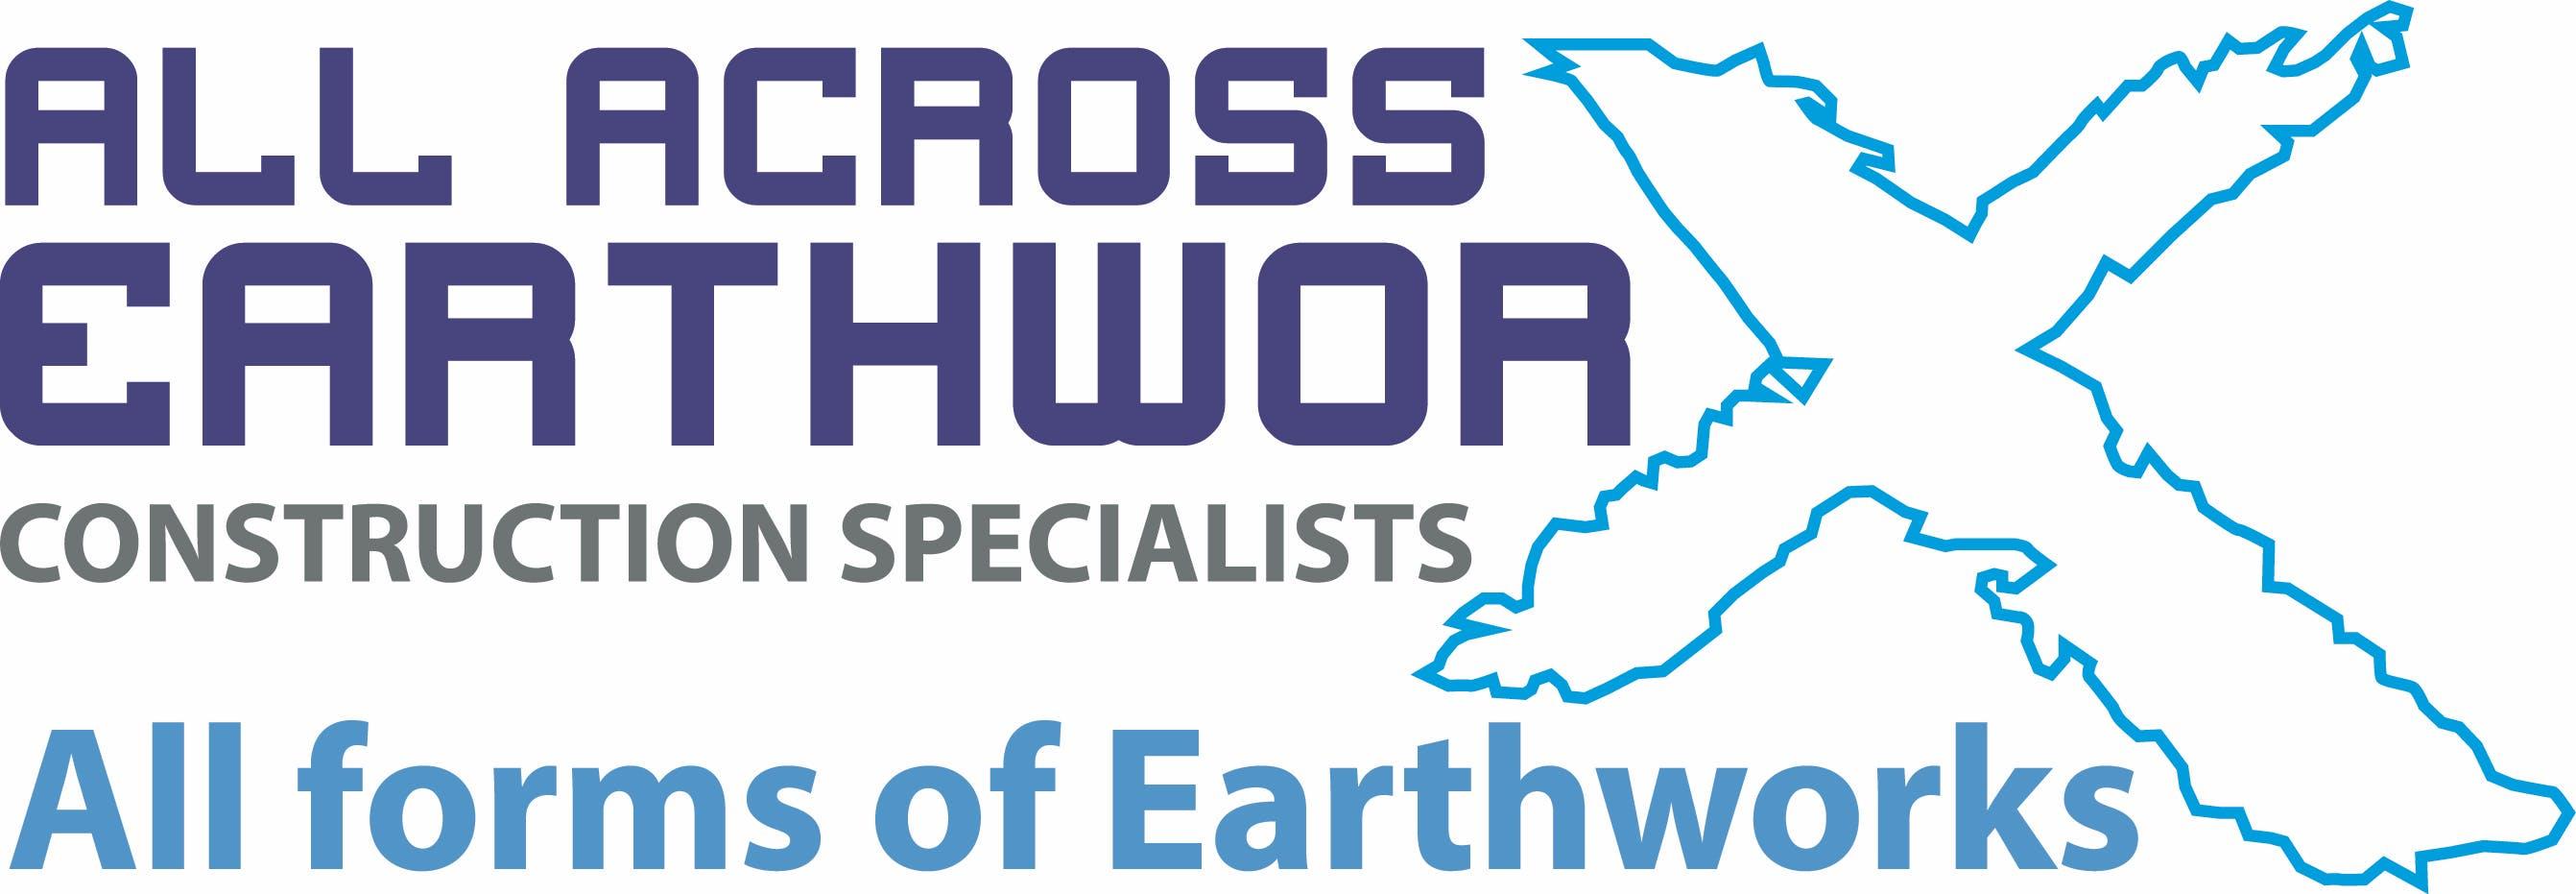 All Across Earthworks Pty Ltd